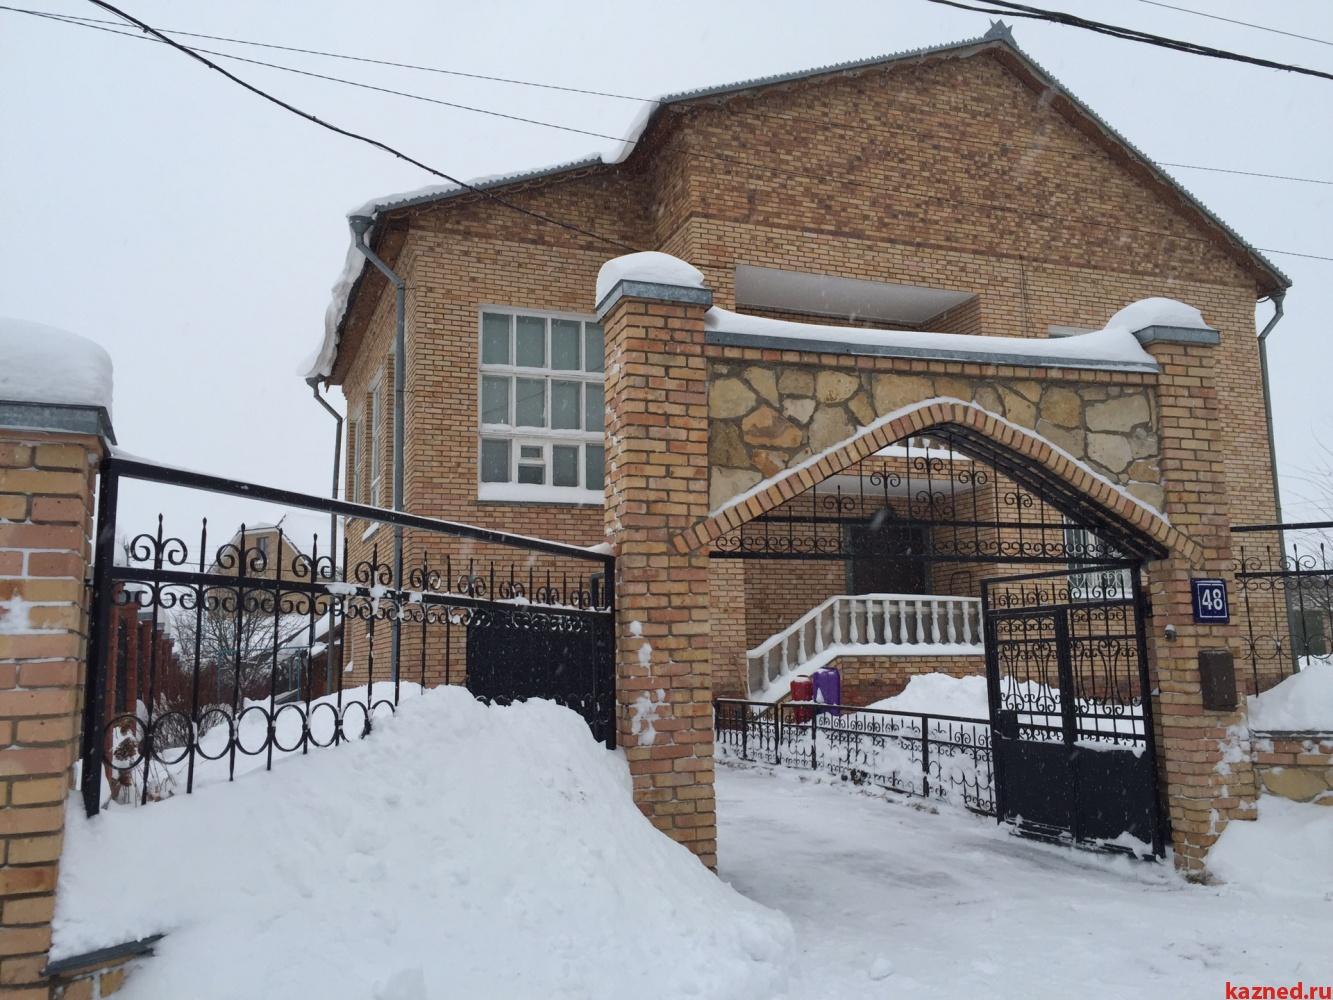 Продажа  дома Овражная, 48, 240 м²  (миниатюра №2)